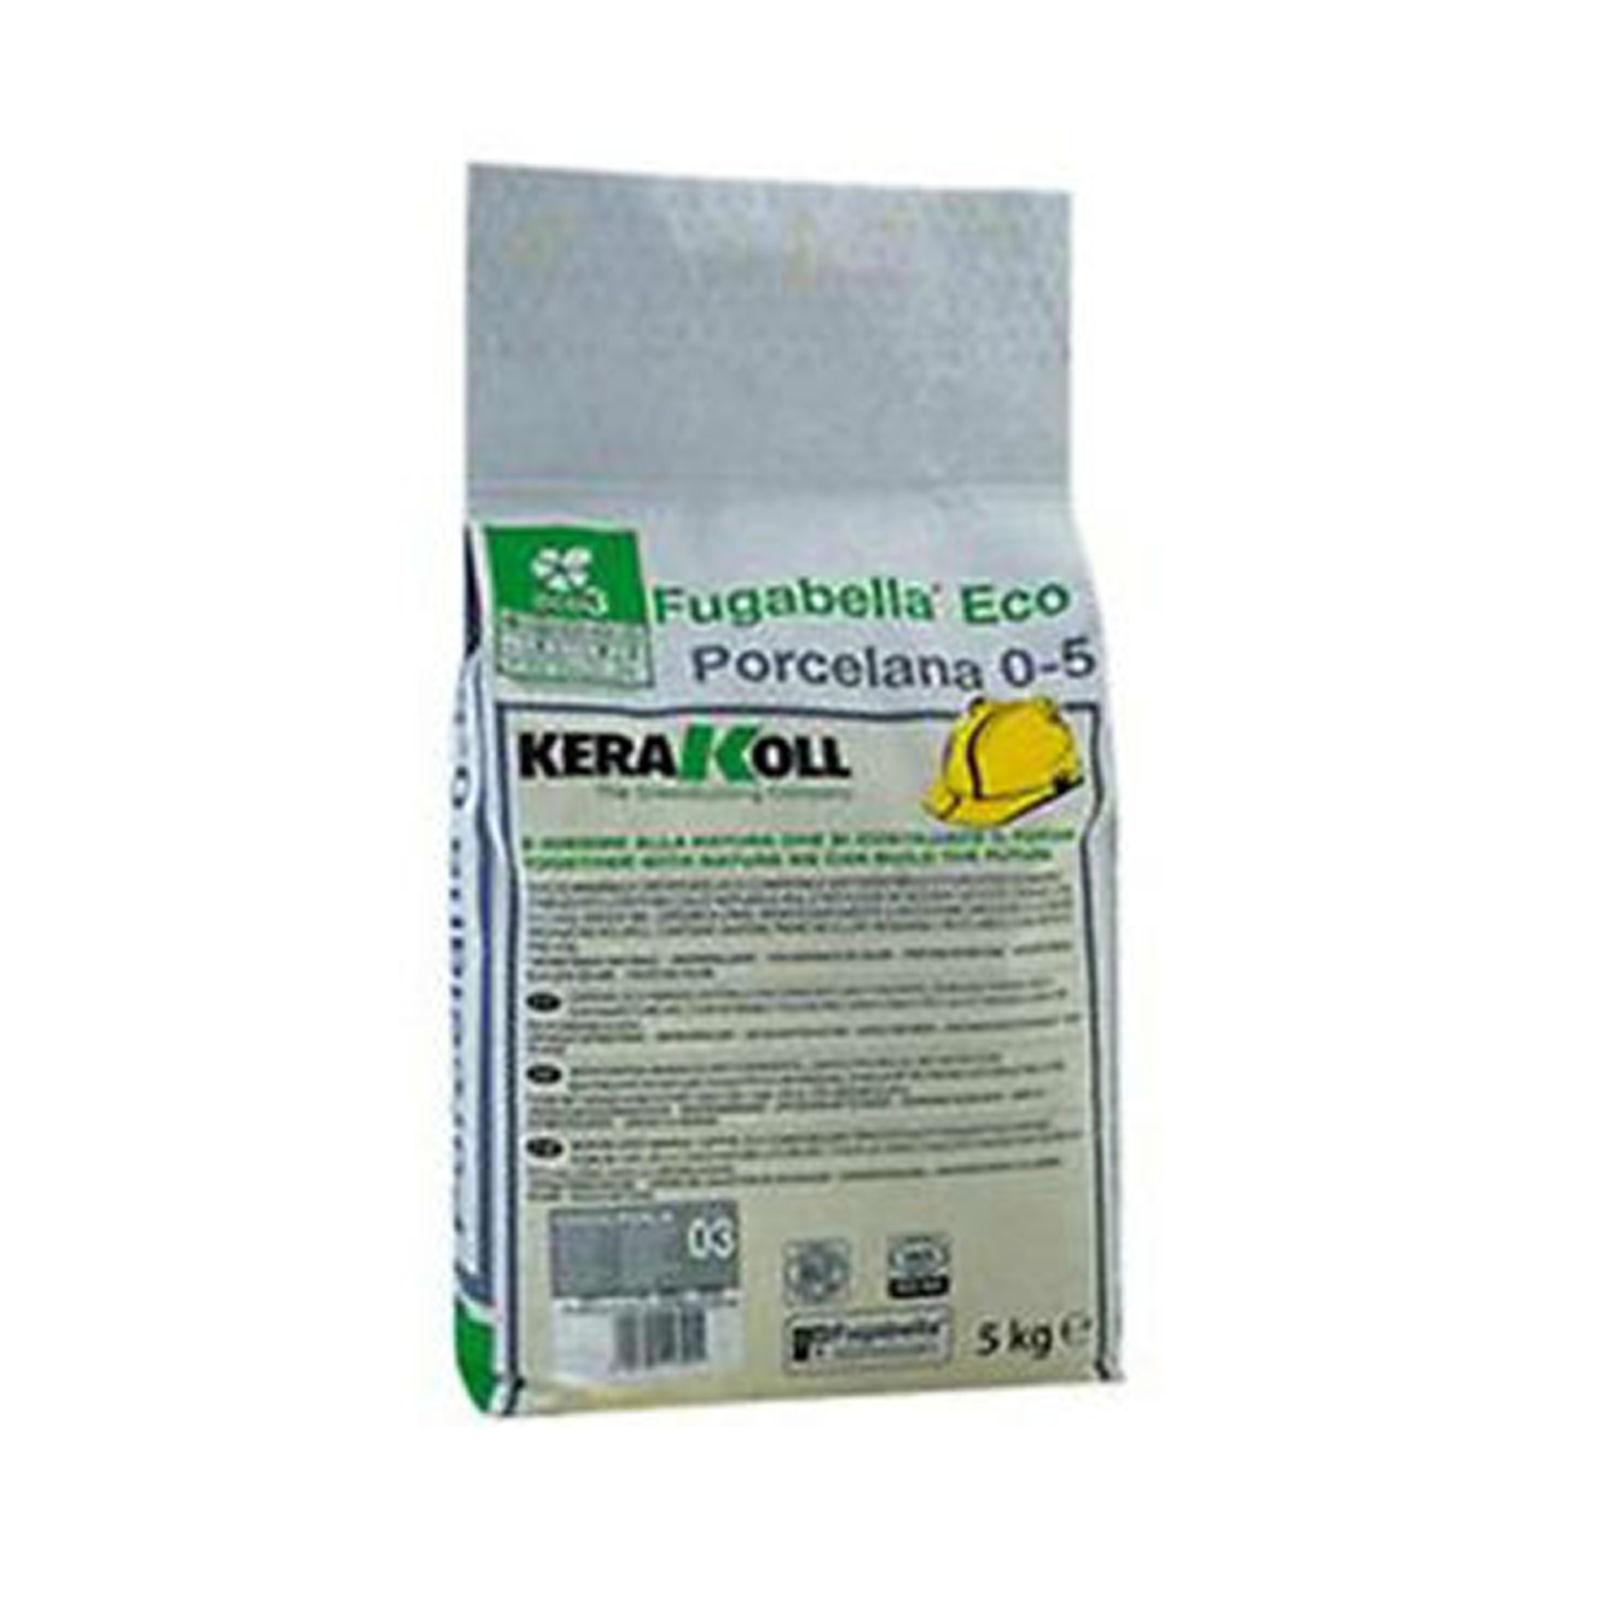 Kerakoll fugabella eco porcelana 0-5 fuga stucco per piastrelle colore noce kg5